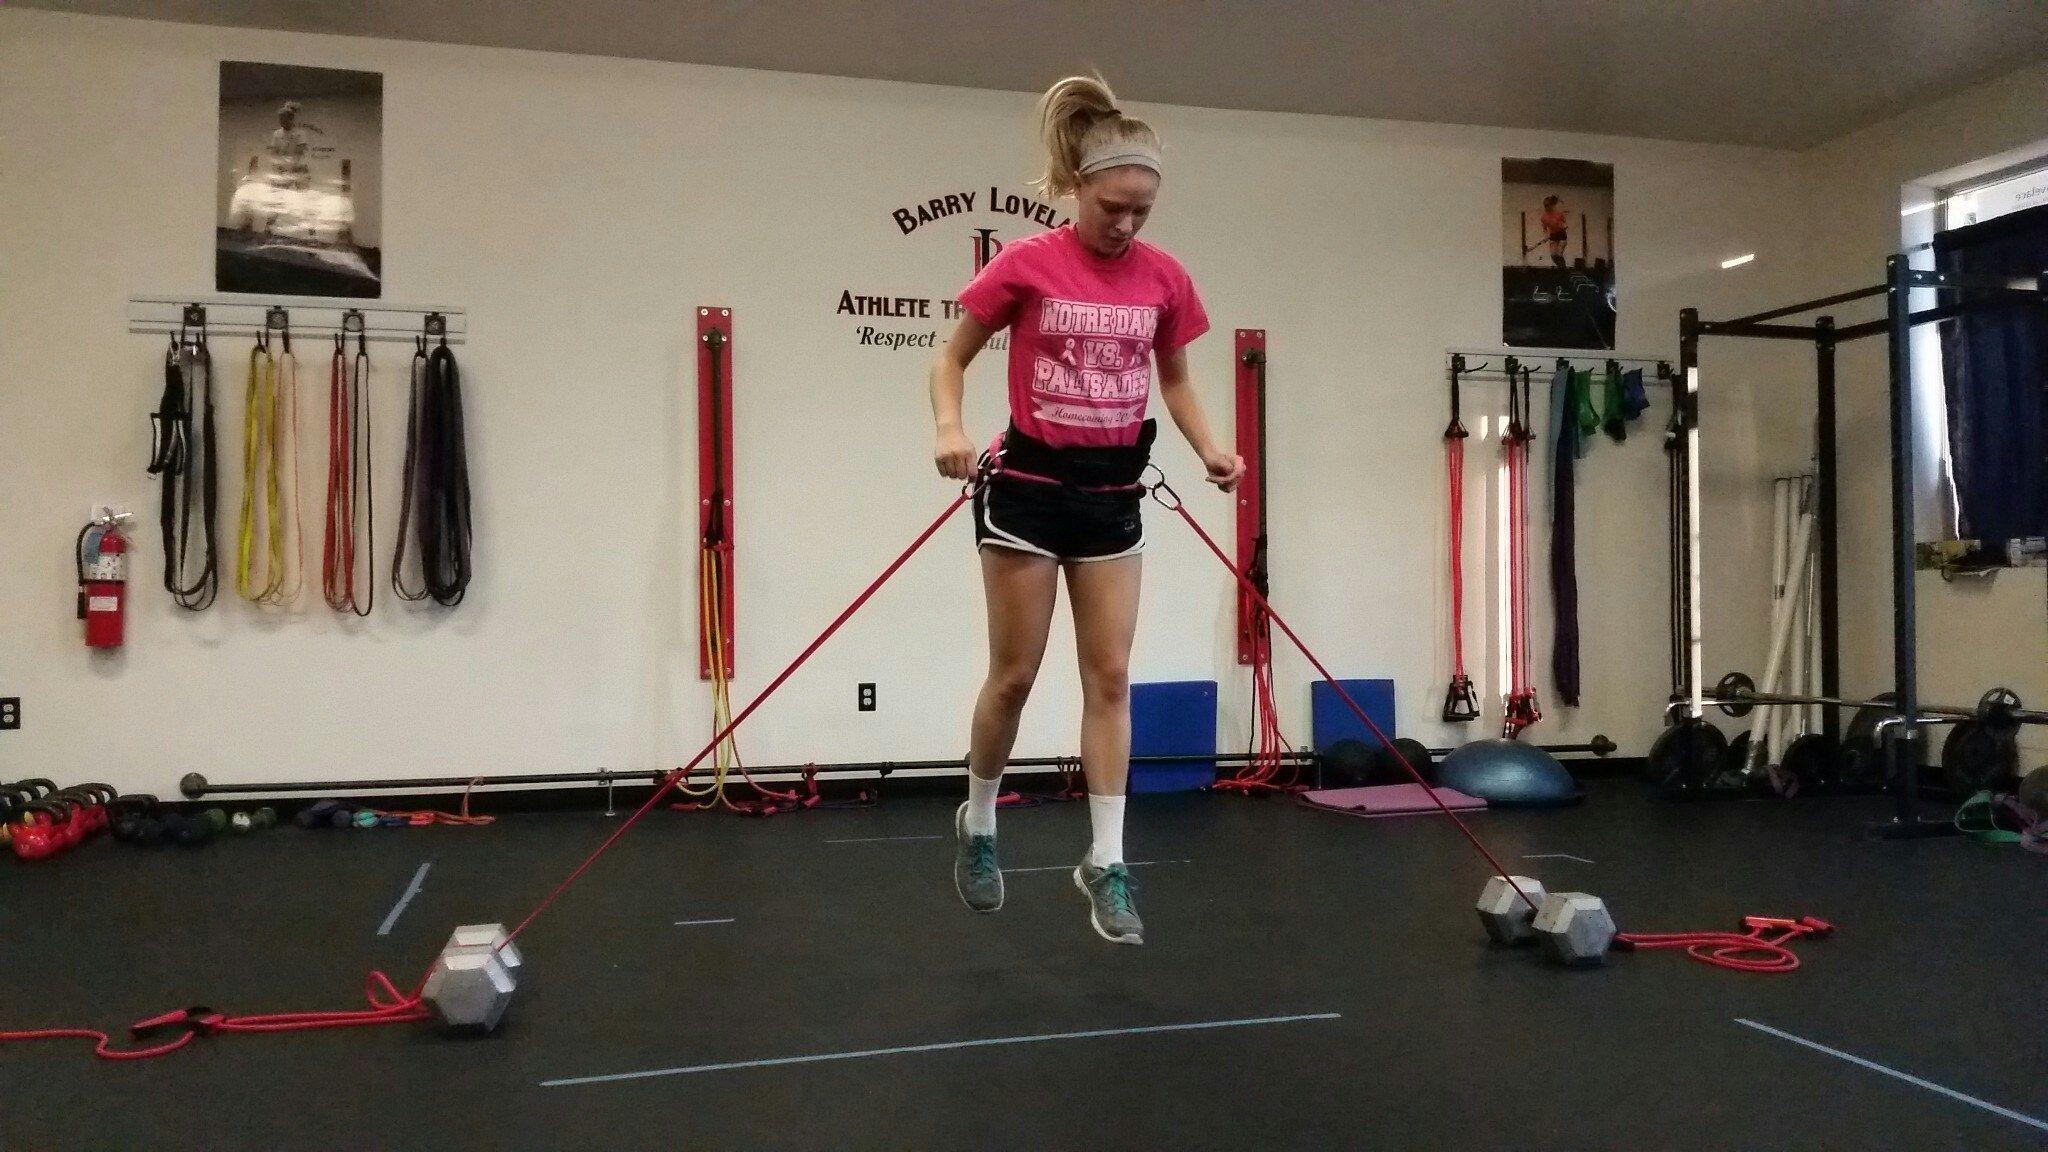 Dunking workout plan vertical jump training vertical